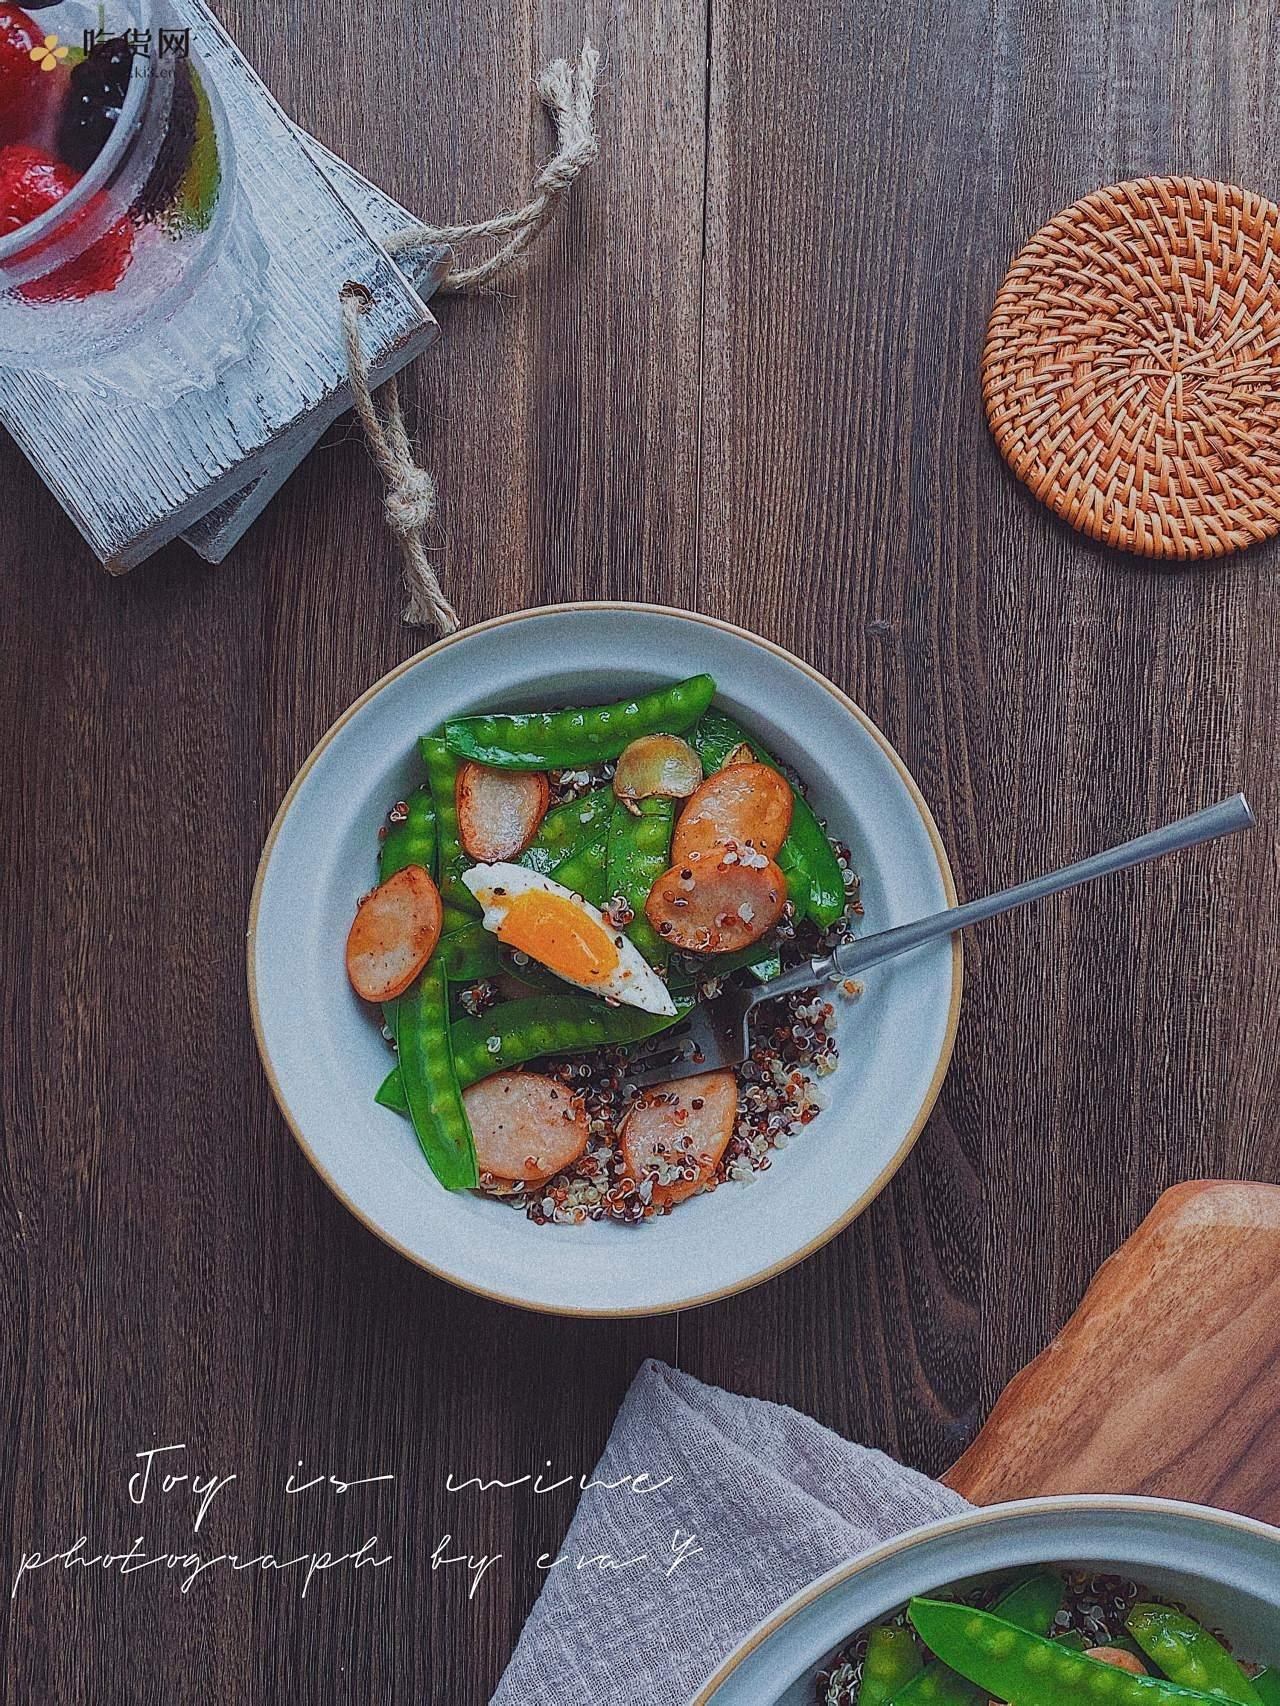 好吃的减肥餐❗️小清新荷兰豆香肠藜麦饭的做法 步骤7